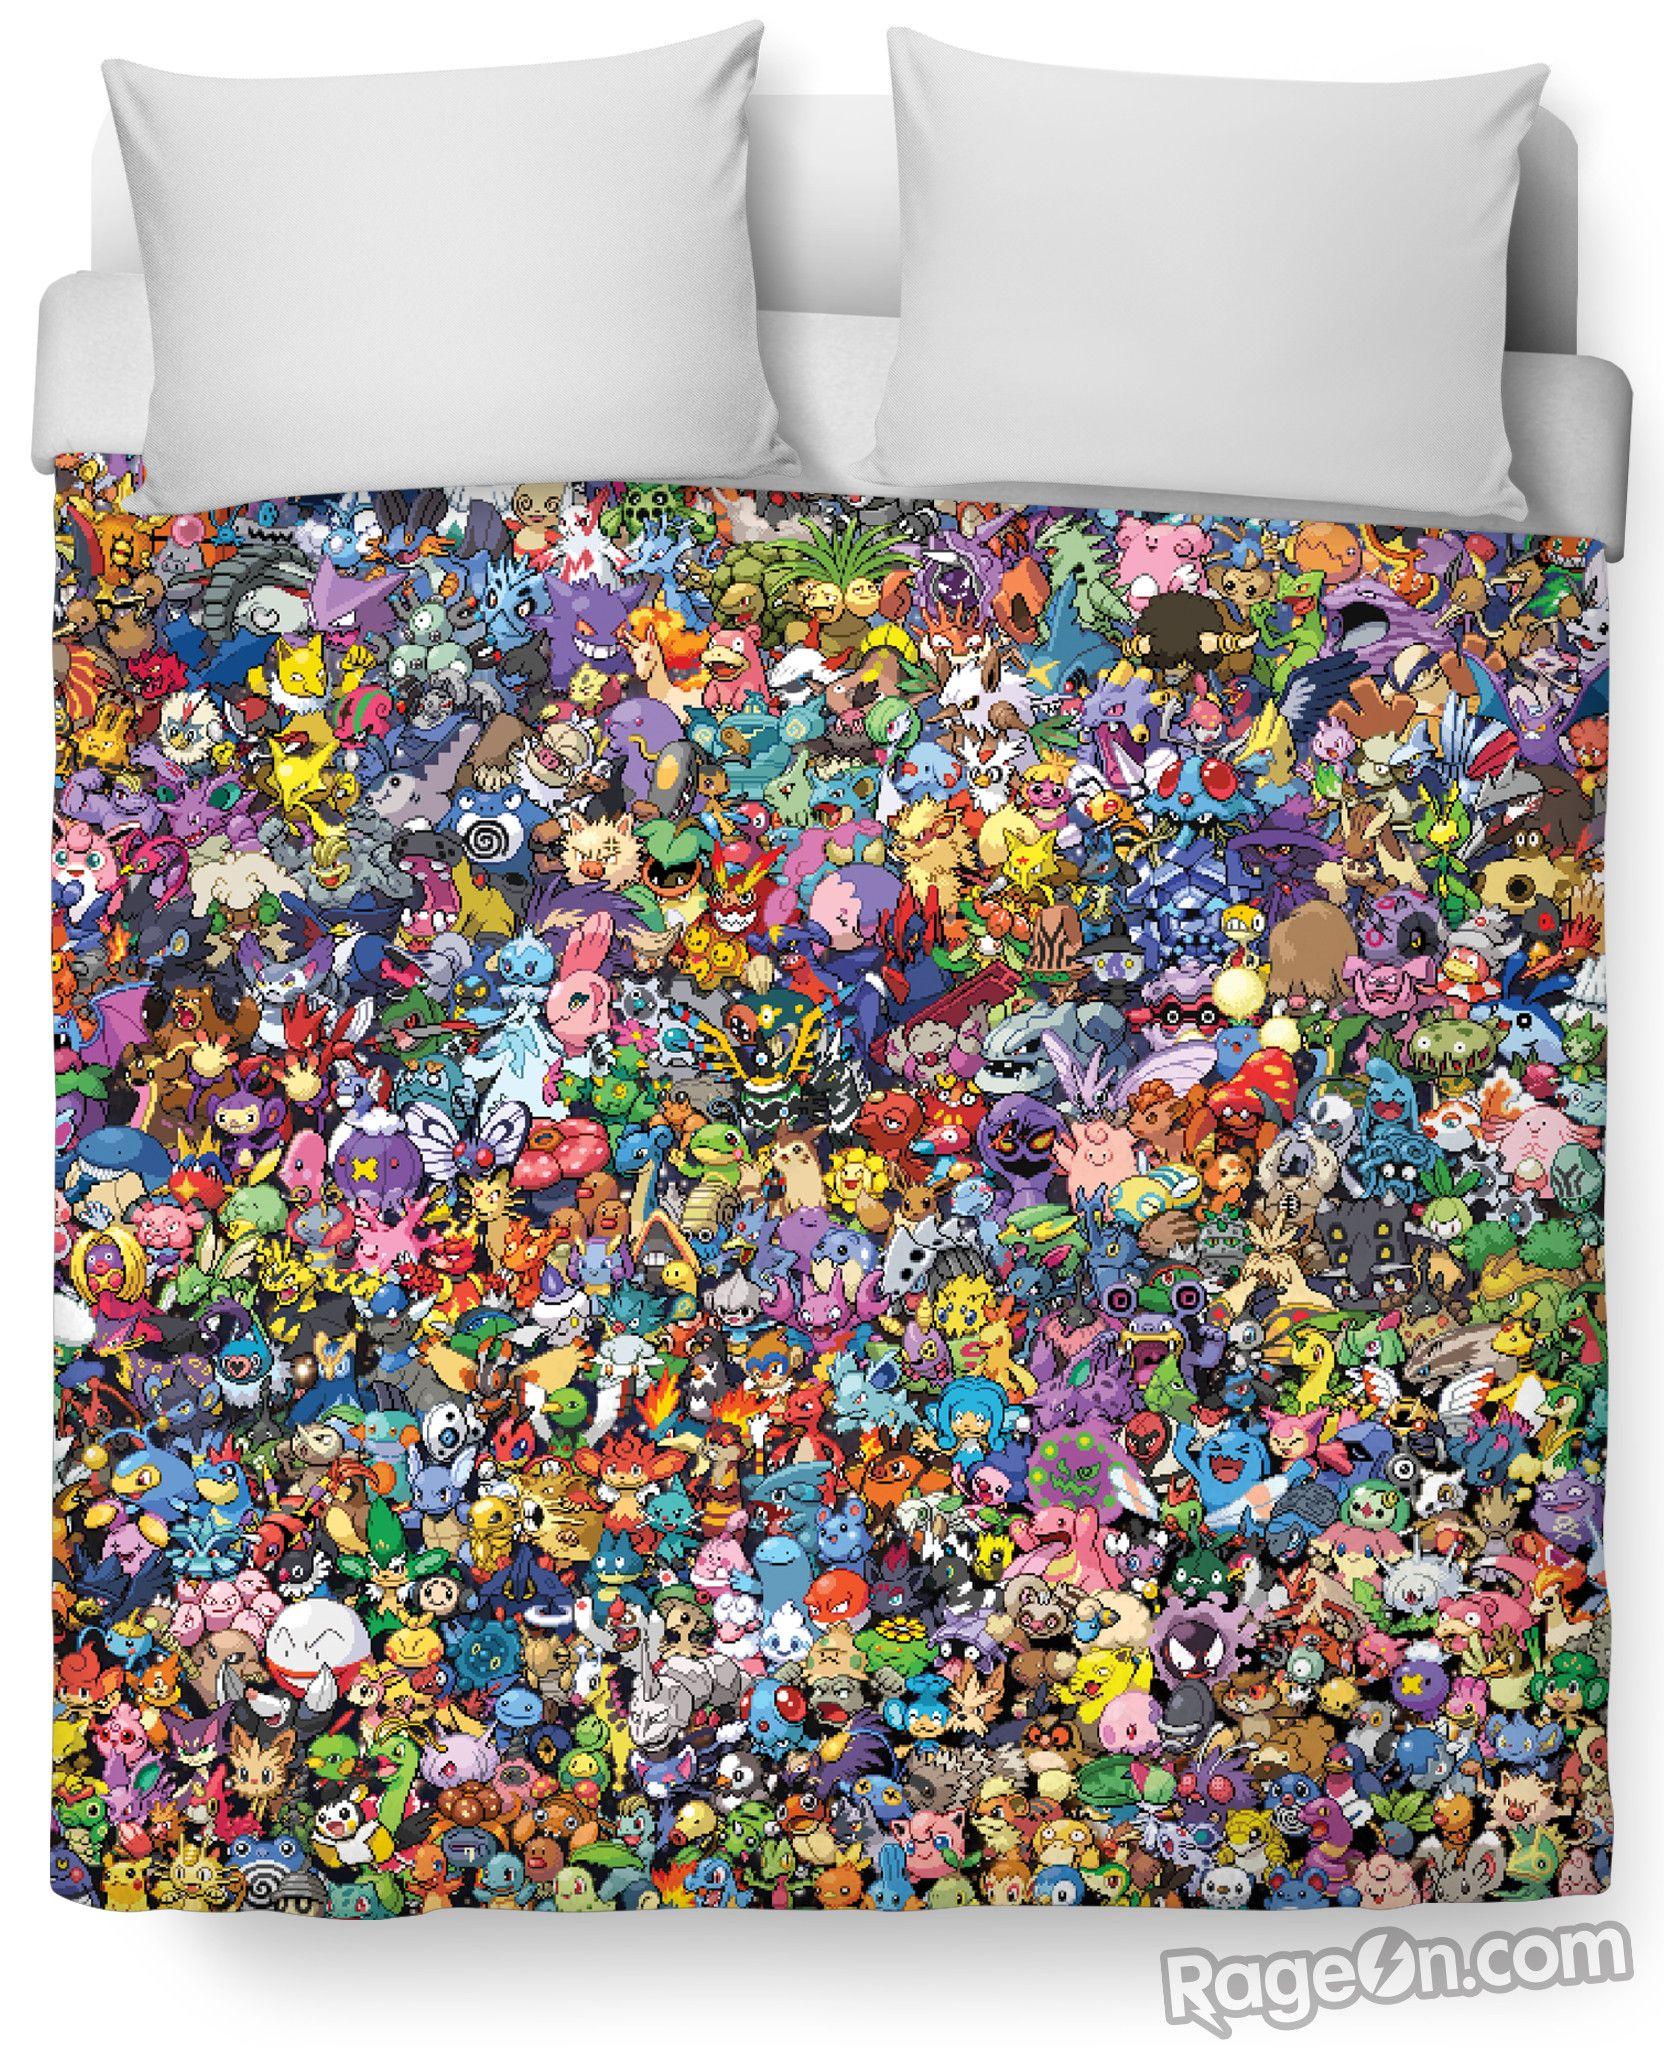 3D Pokemon Pokedoll Pikachu Kids Bedding Set Duvet Cover Pillowcase Quilt Cover